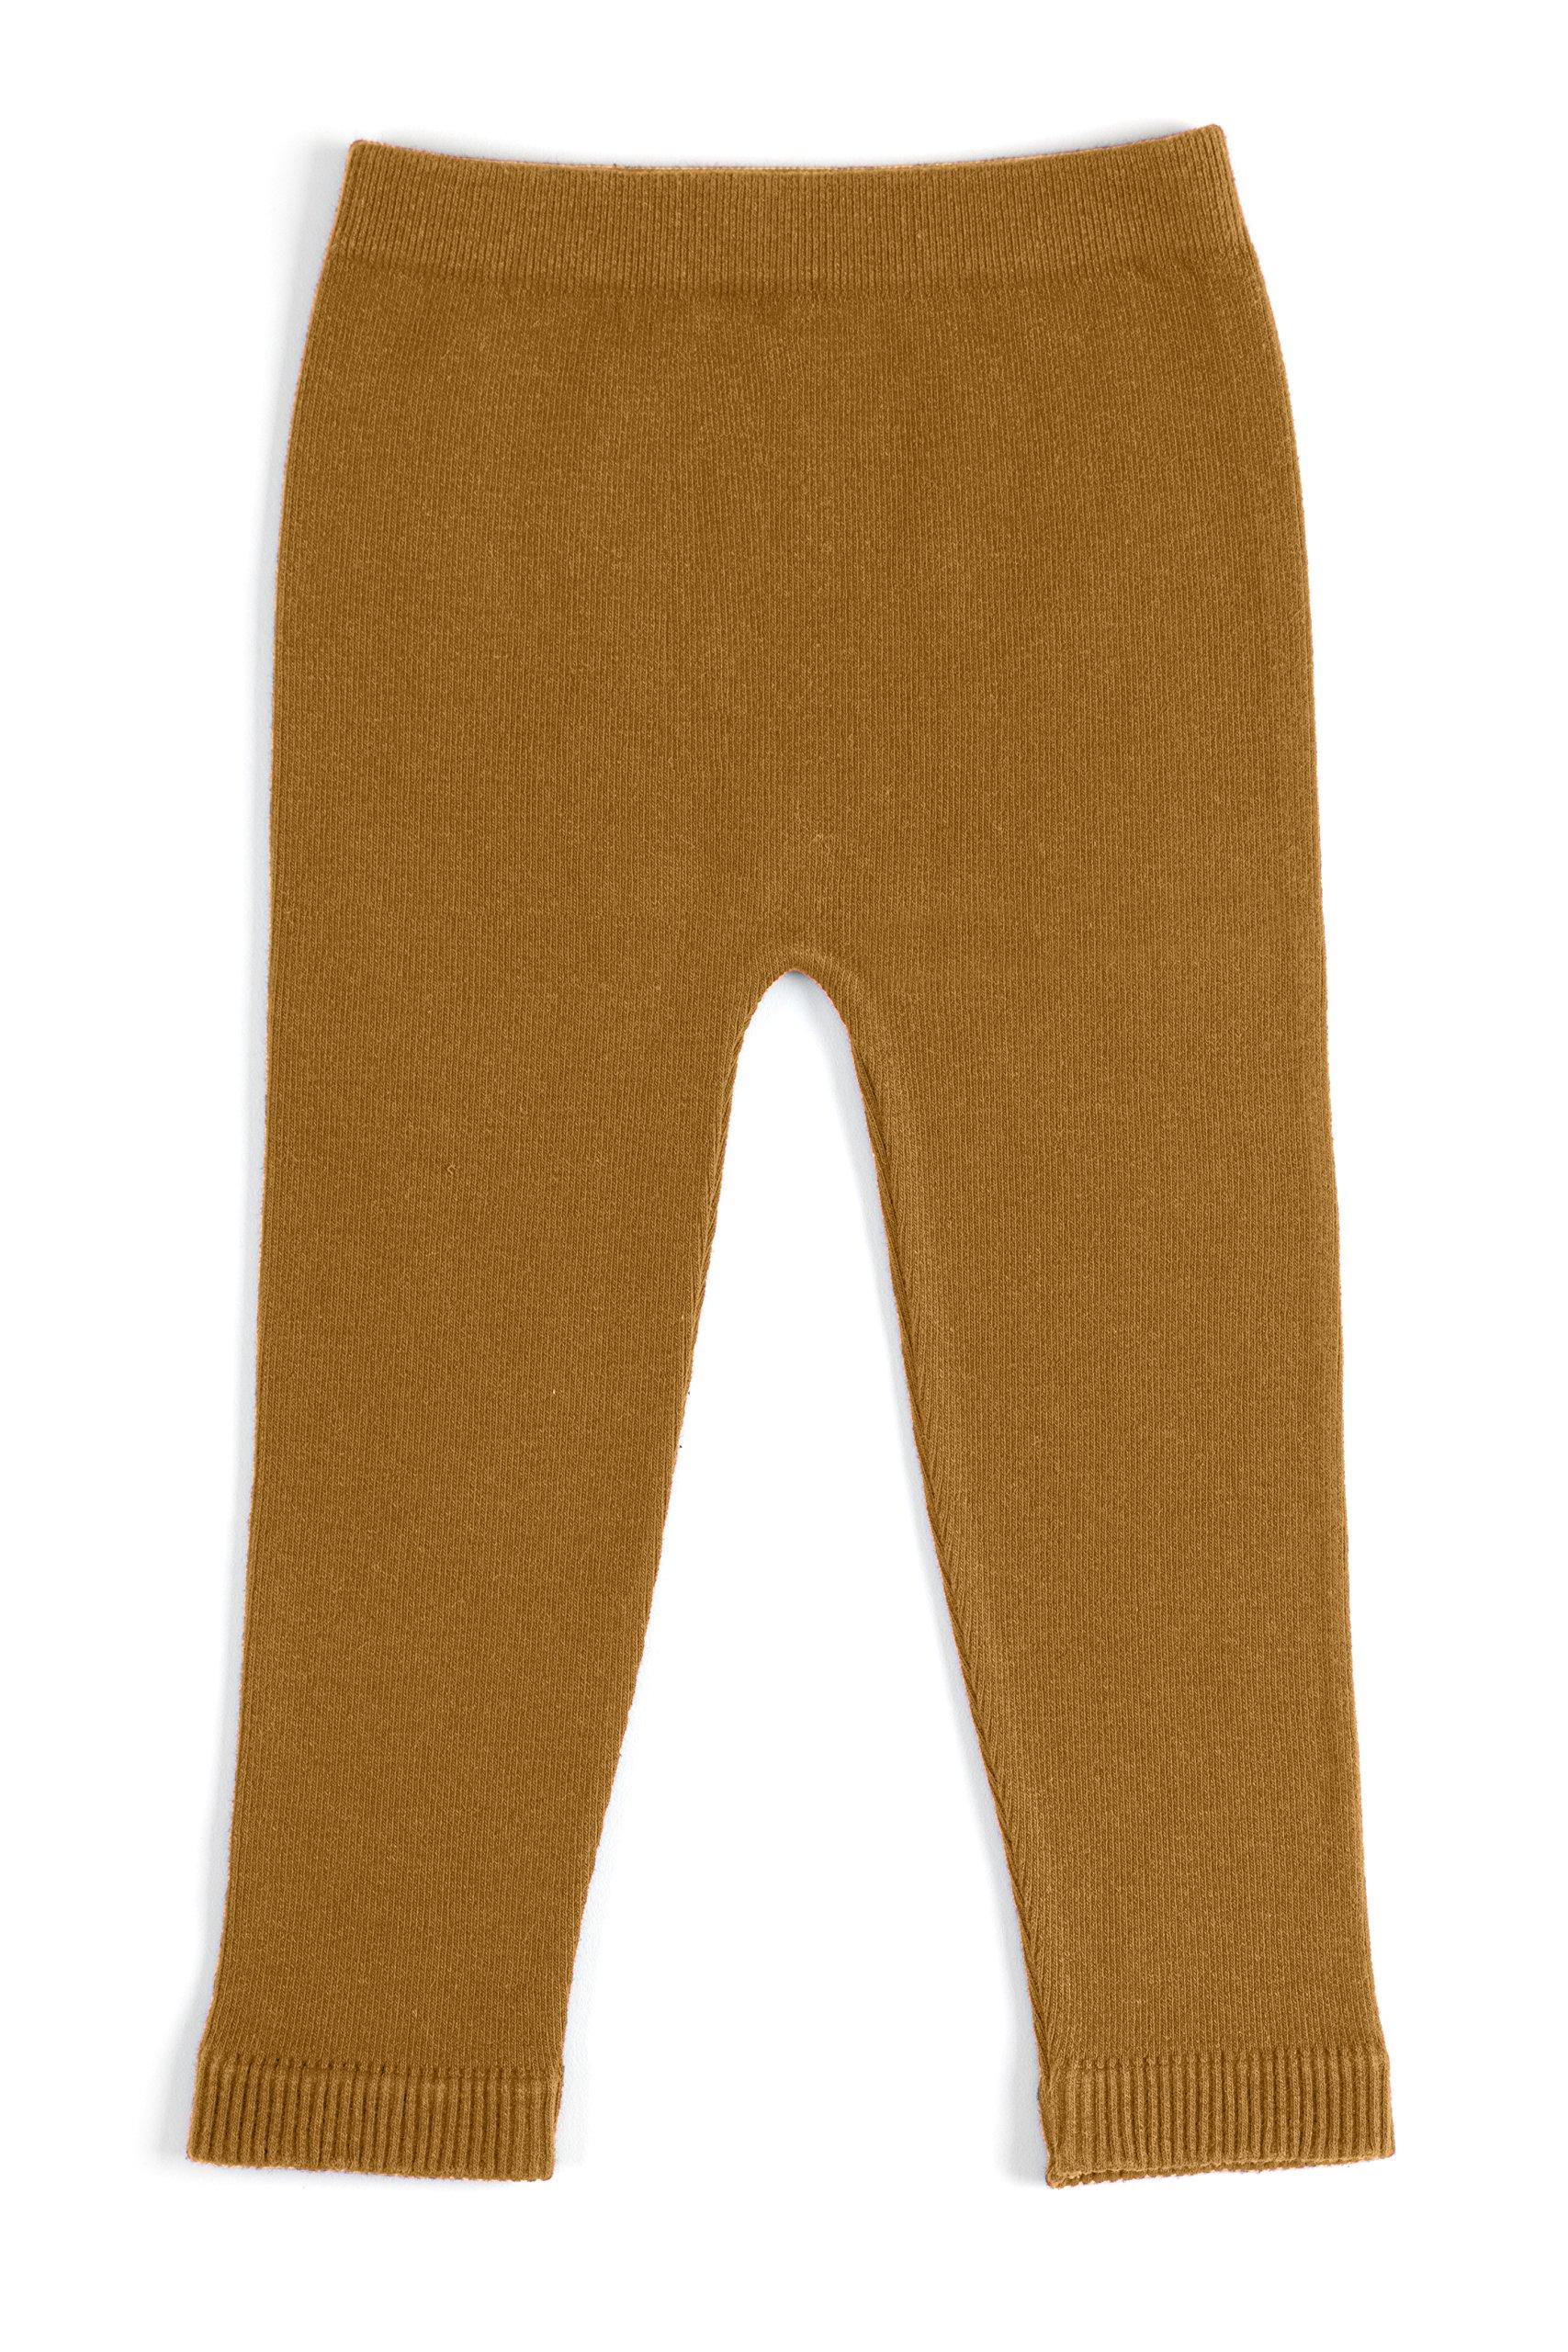 EMEM Apparel Unisex Boys Girls Baby Toddler Medium Weight Seamless Cotton Full Ankle Length Leggings Cognac 2T-4T